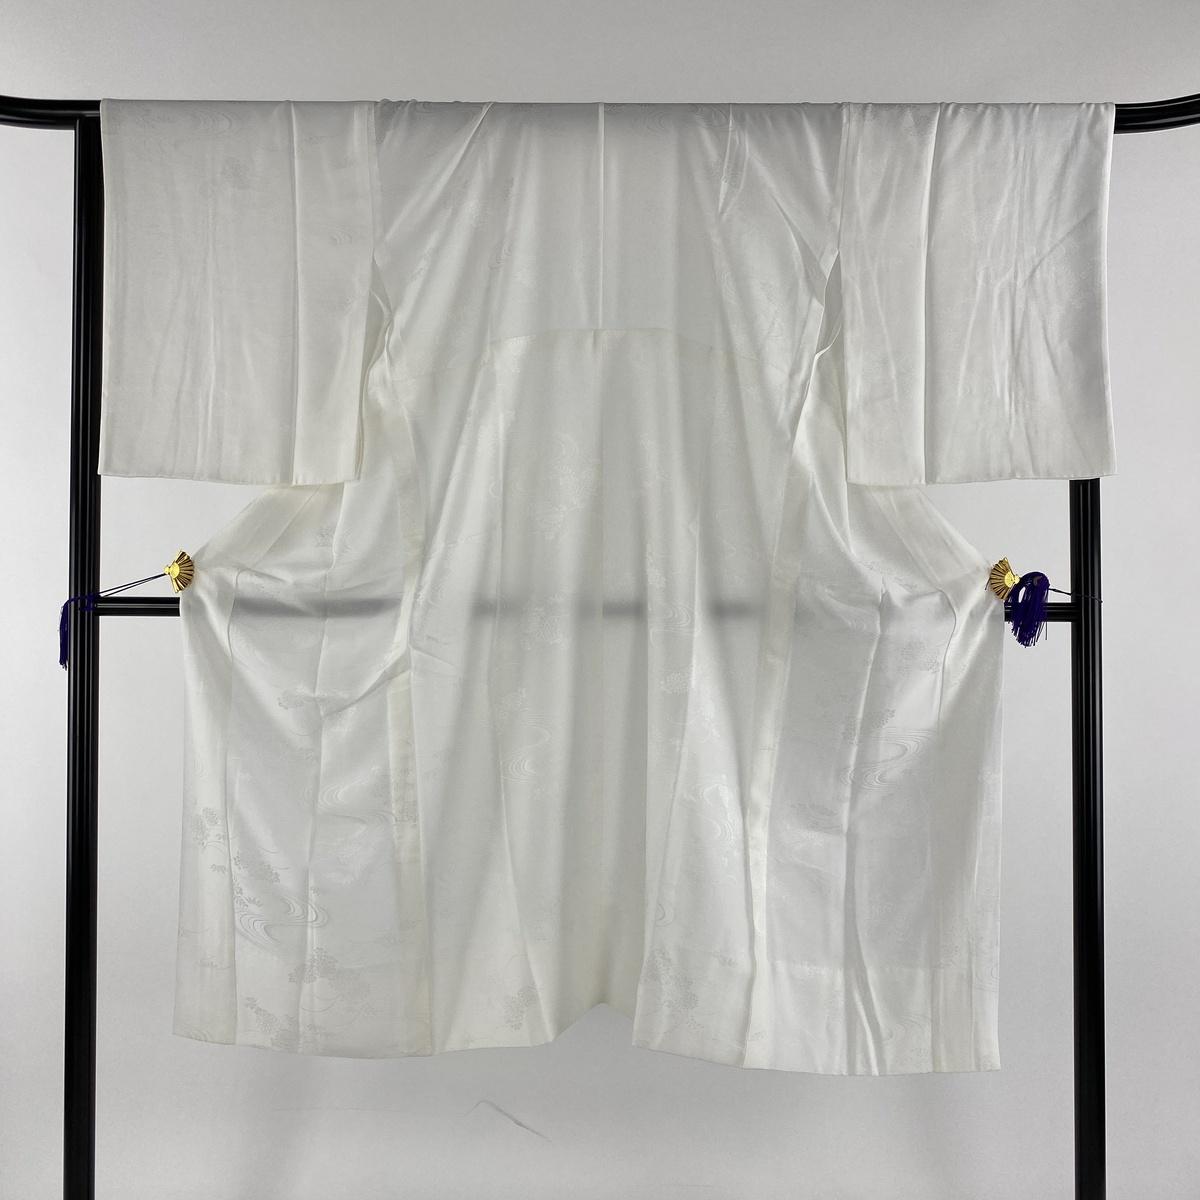 長襦袢 美品 秀品 やまと 地紋 白 身丈130cm 裄丈63cm S 正絹 【中古】